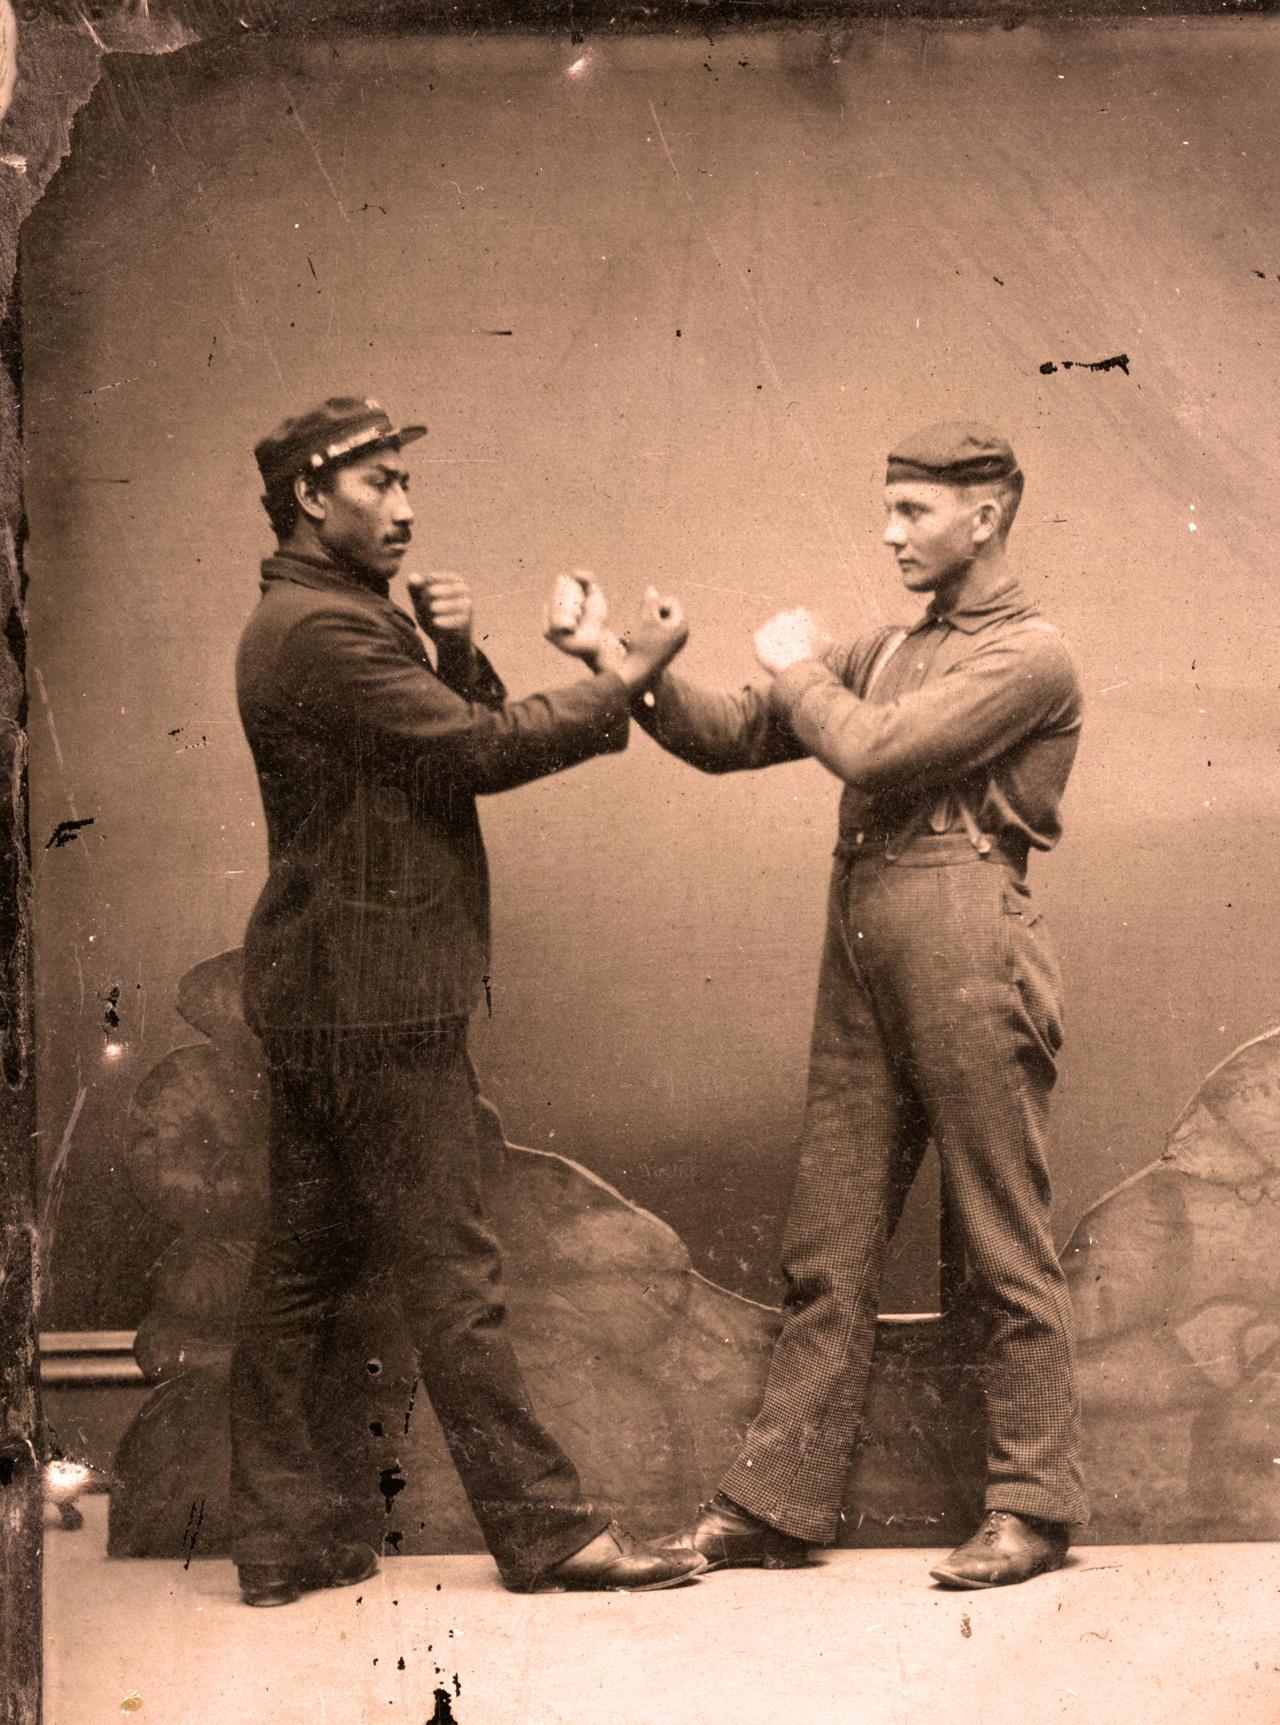 Anonymous, Boxers (c.1880), tintype